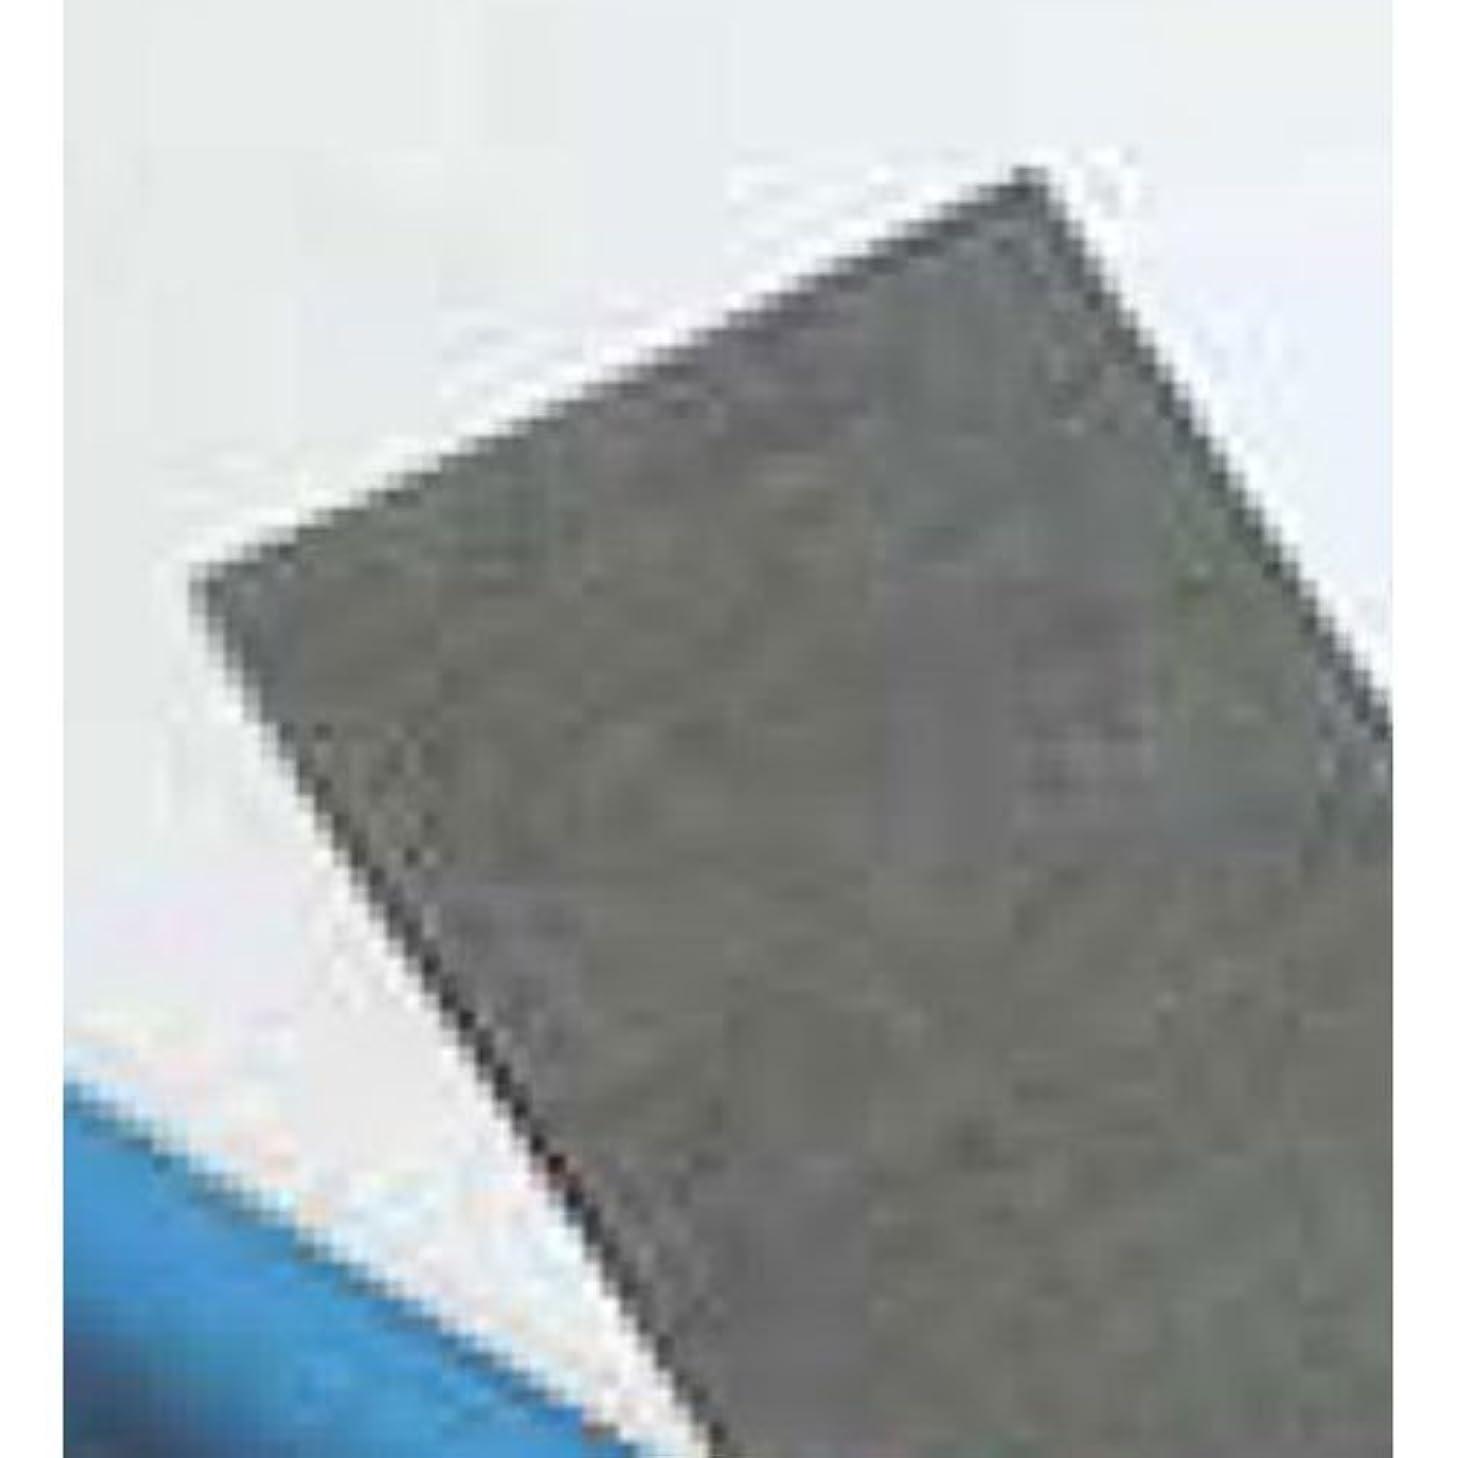 気付く負荷ステープルスーパーチャコペーパーグレー( 1000×440mm)【絵画?画材 画用紙?パネル】BB80407